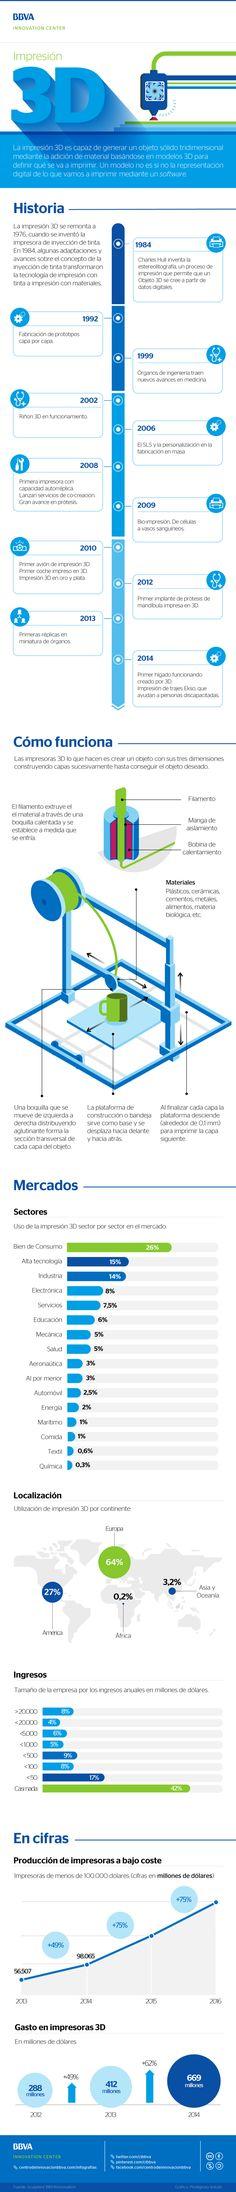 Impresión 3D: todo lo que debes de saber #infografia #infographic #tech